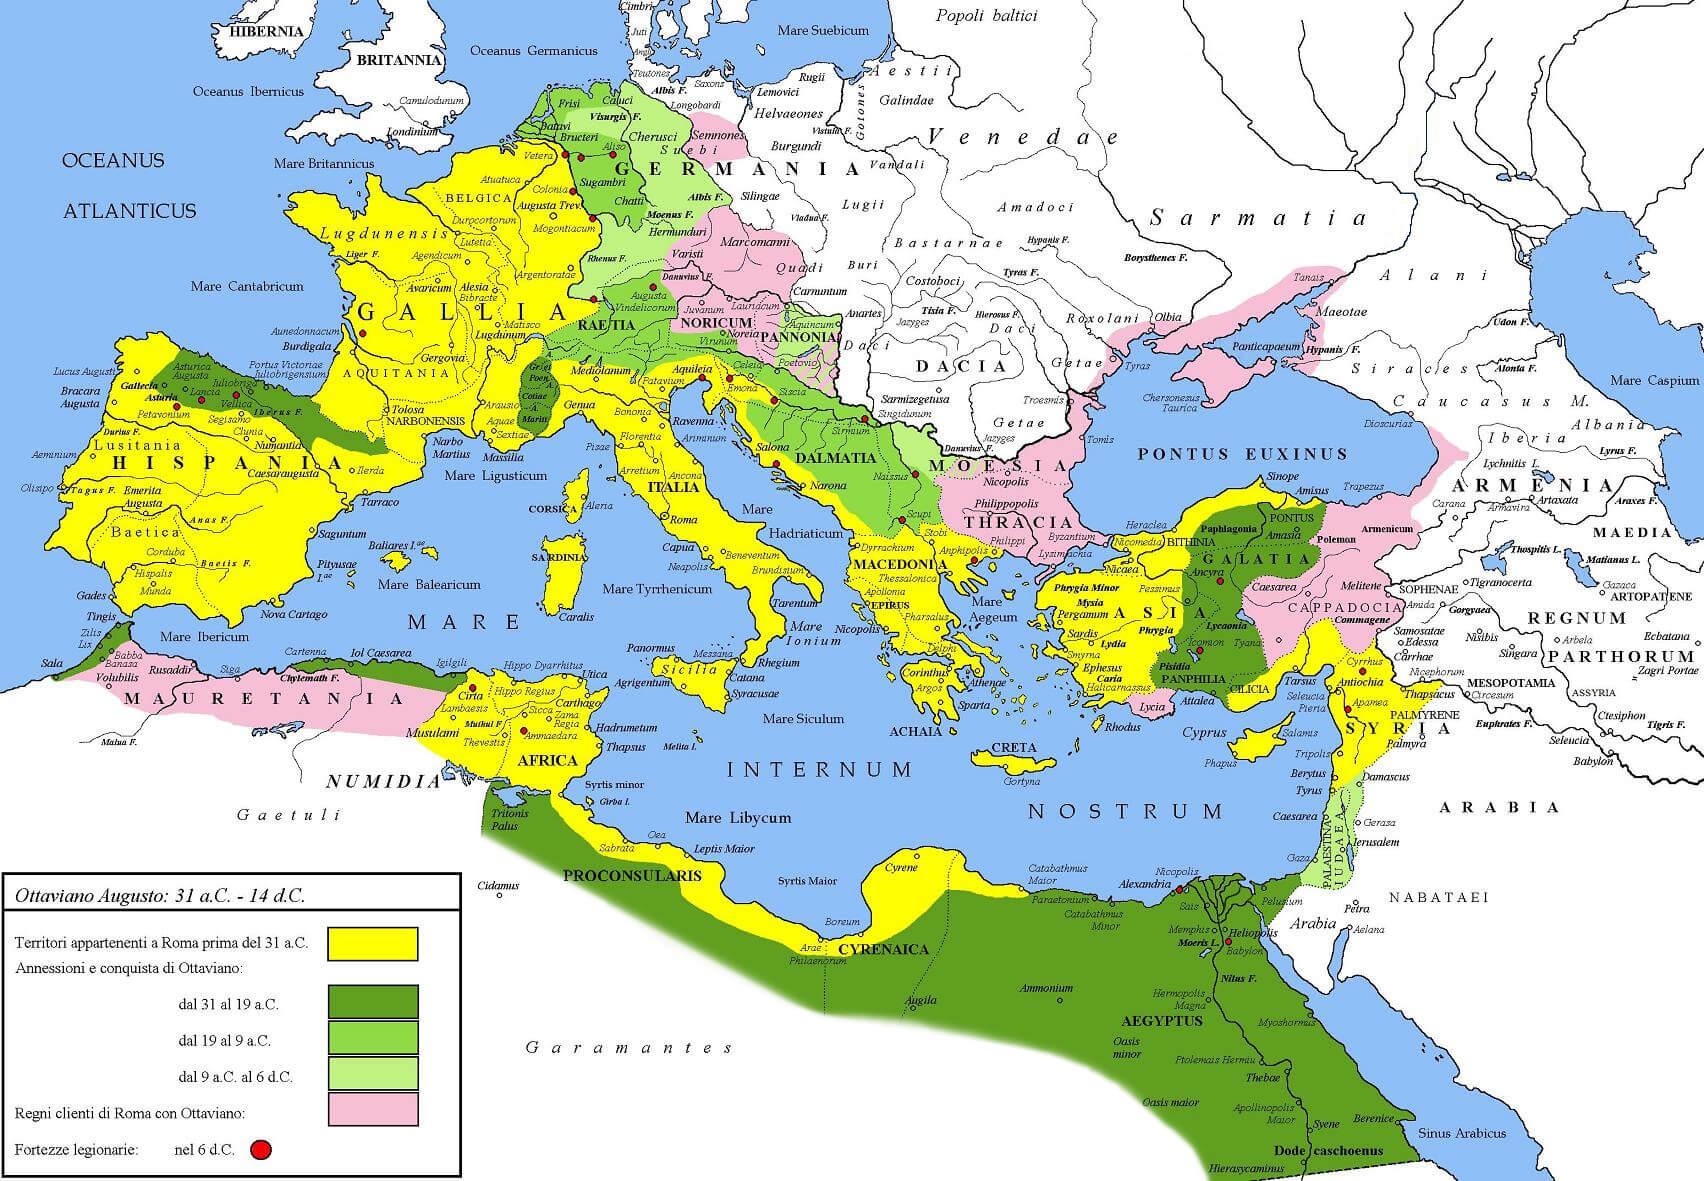 Extensión del Imperio romano bajo César Augusto (31 a. C.-6 d. C.).